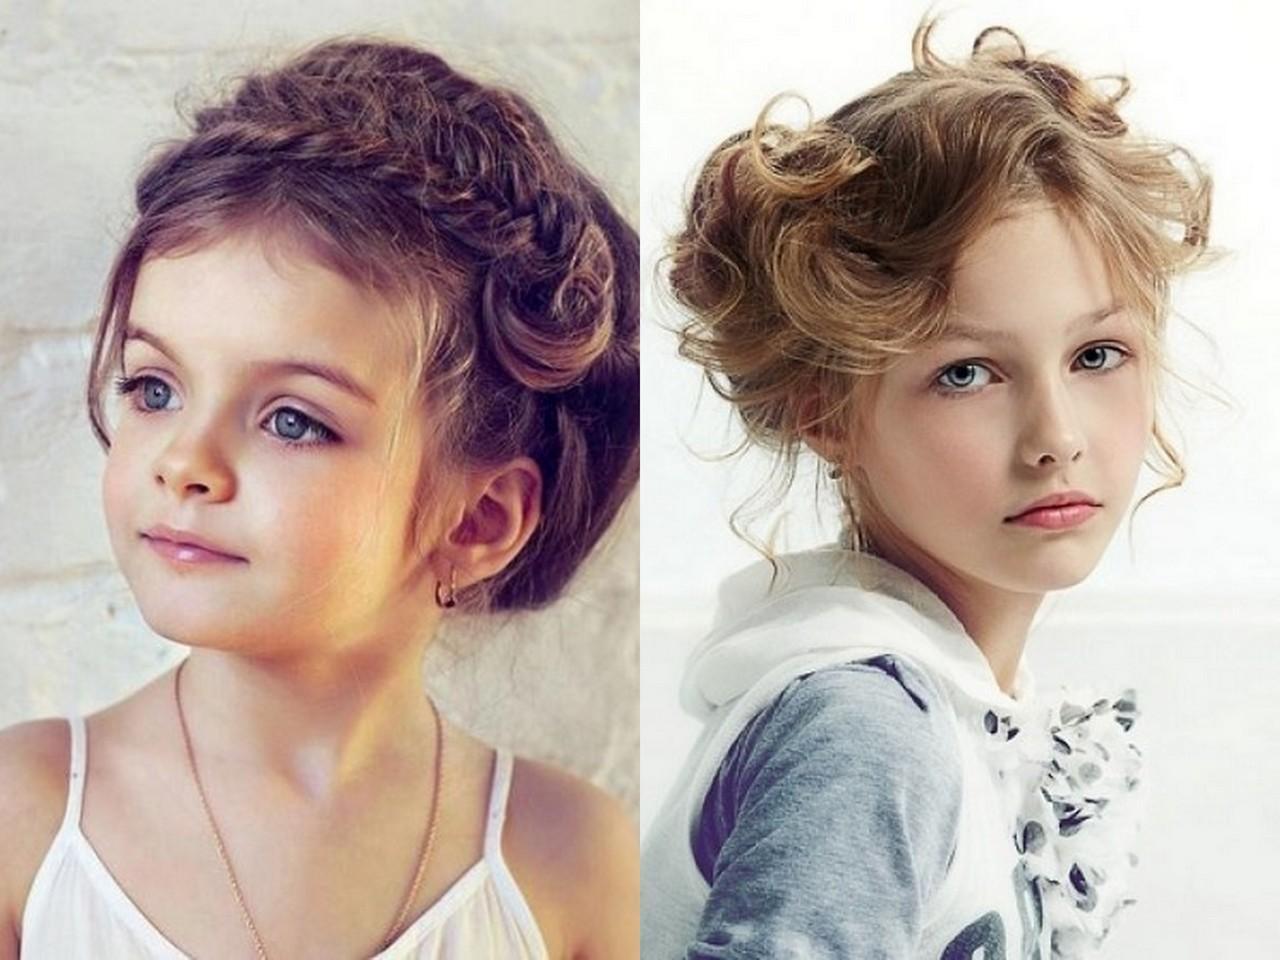 Картинки для девочек красивые и нормальные